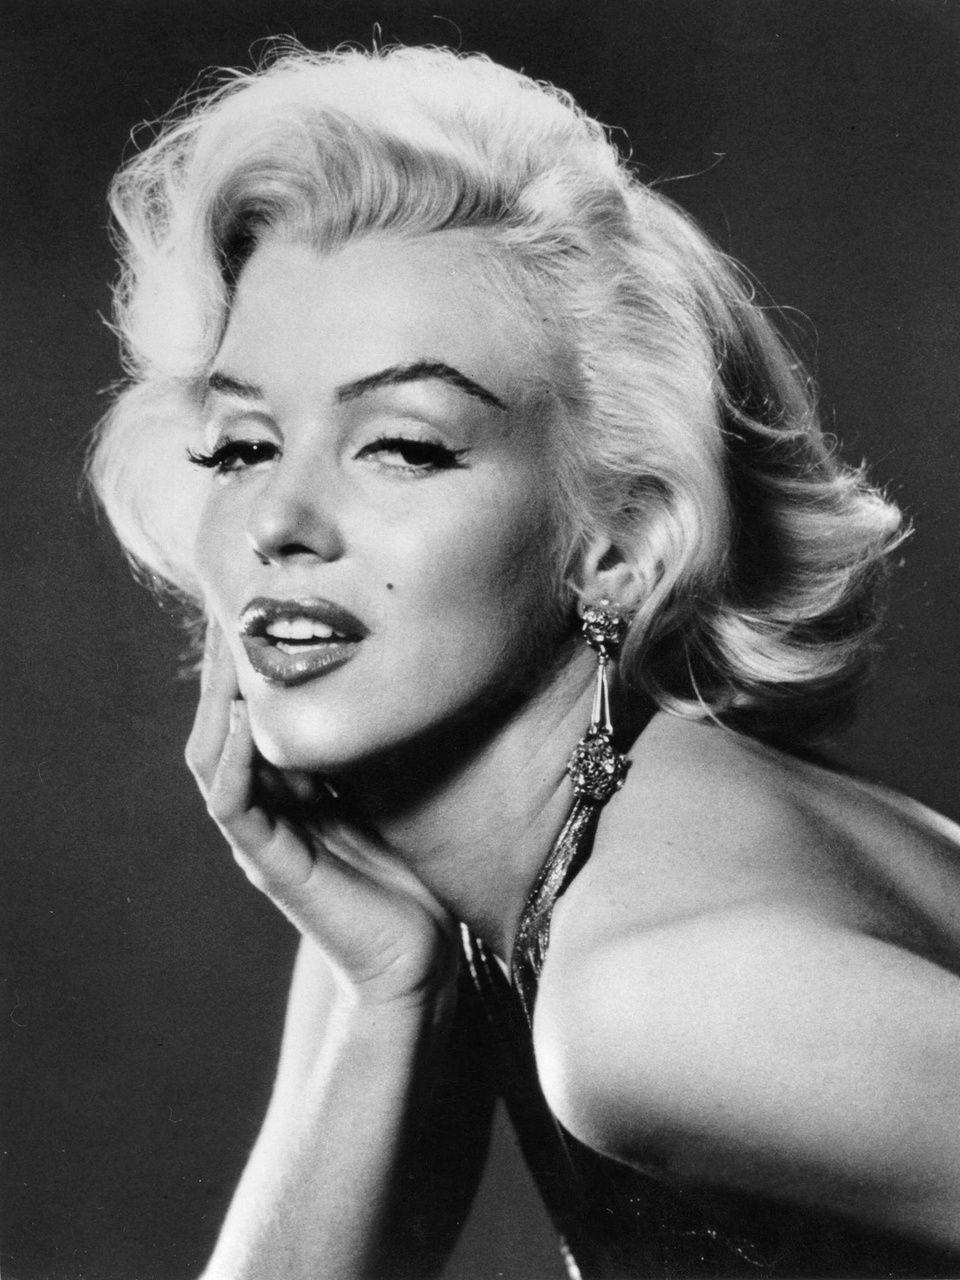 Marilyn-Monroe-marilyn-monroe-30014001-960-1280.jpg